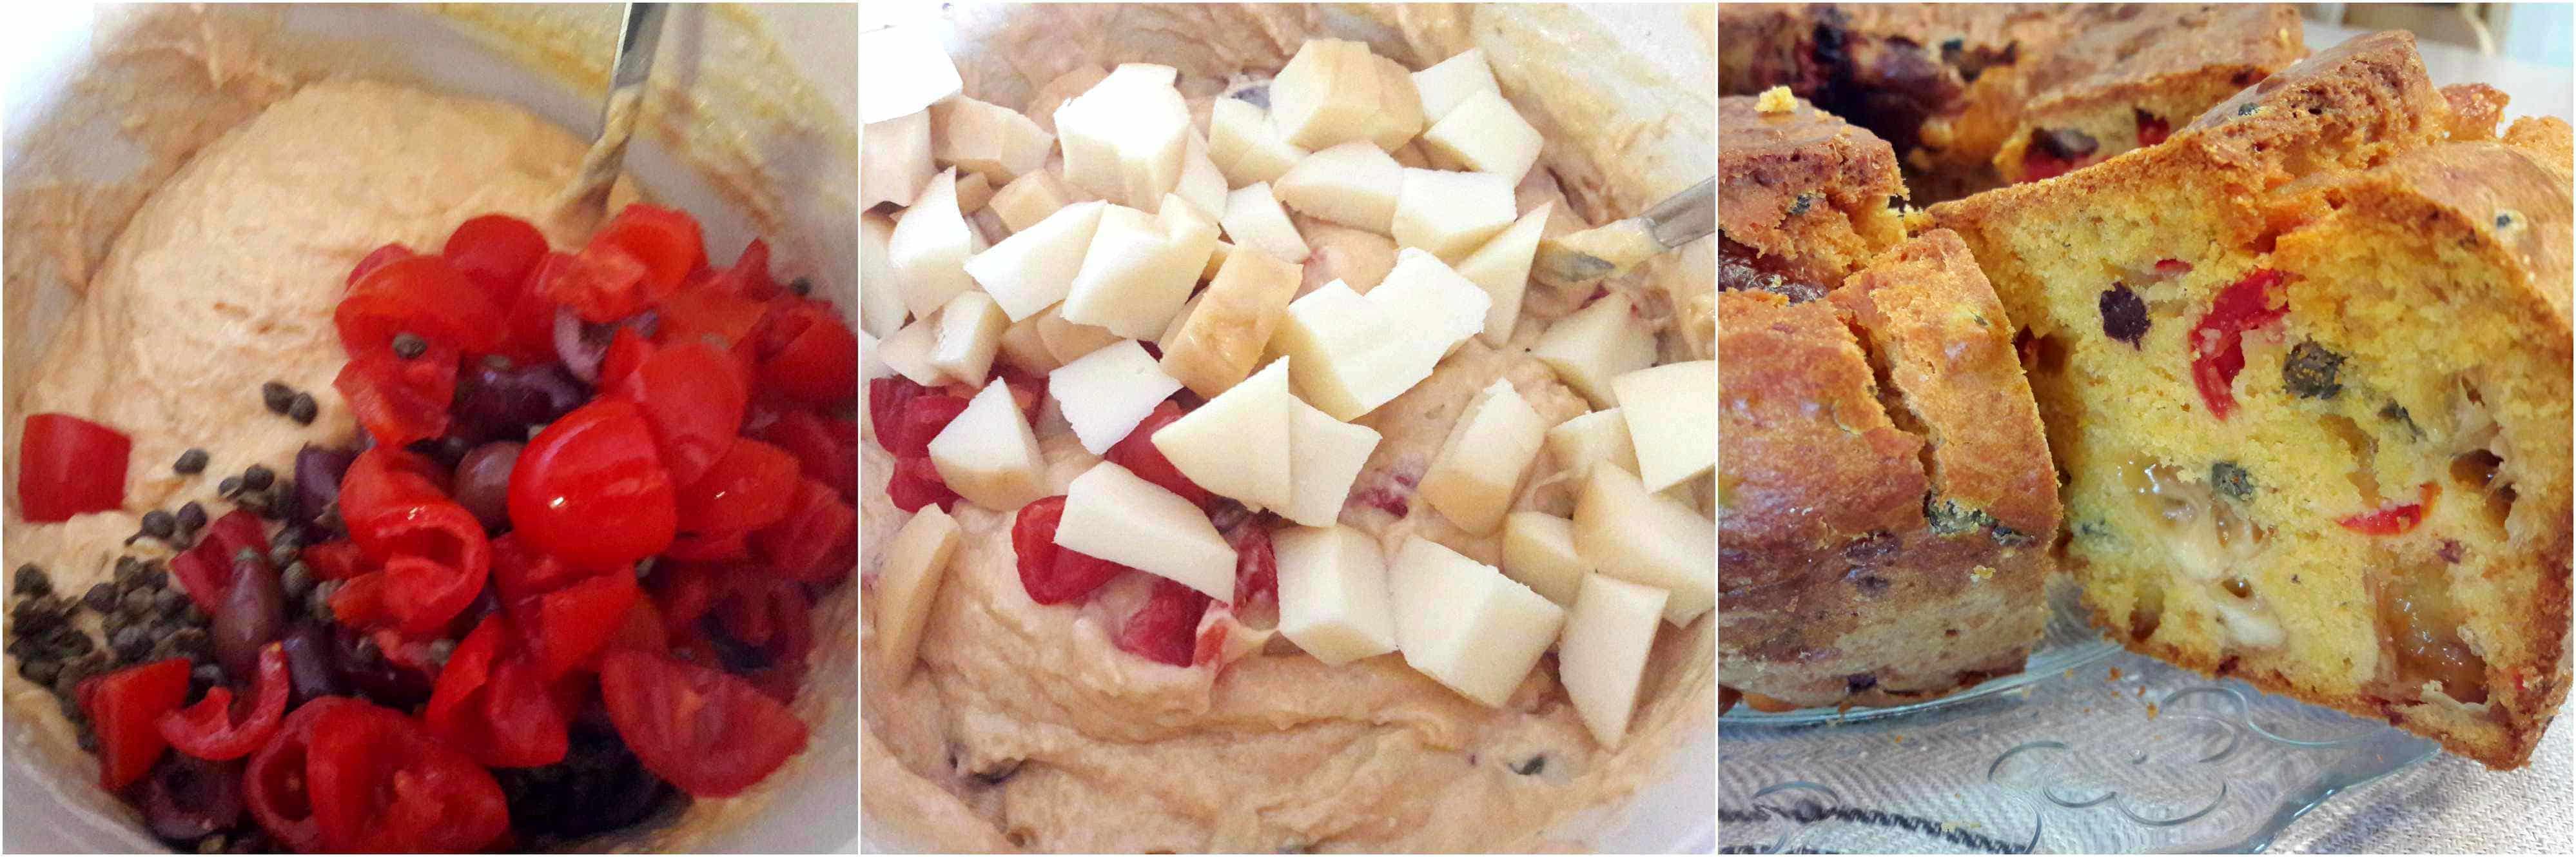 ciambella salata box@vg-2